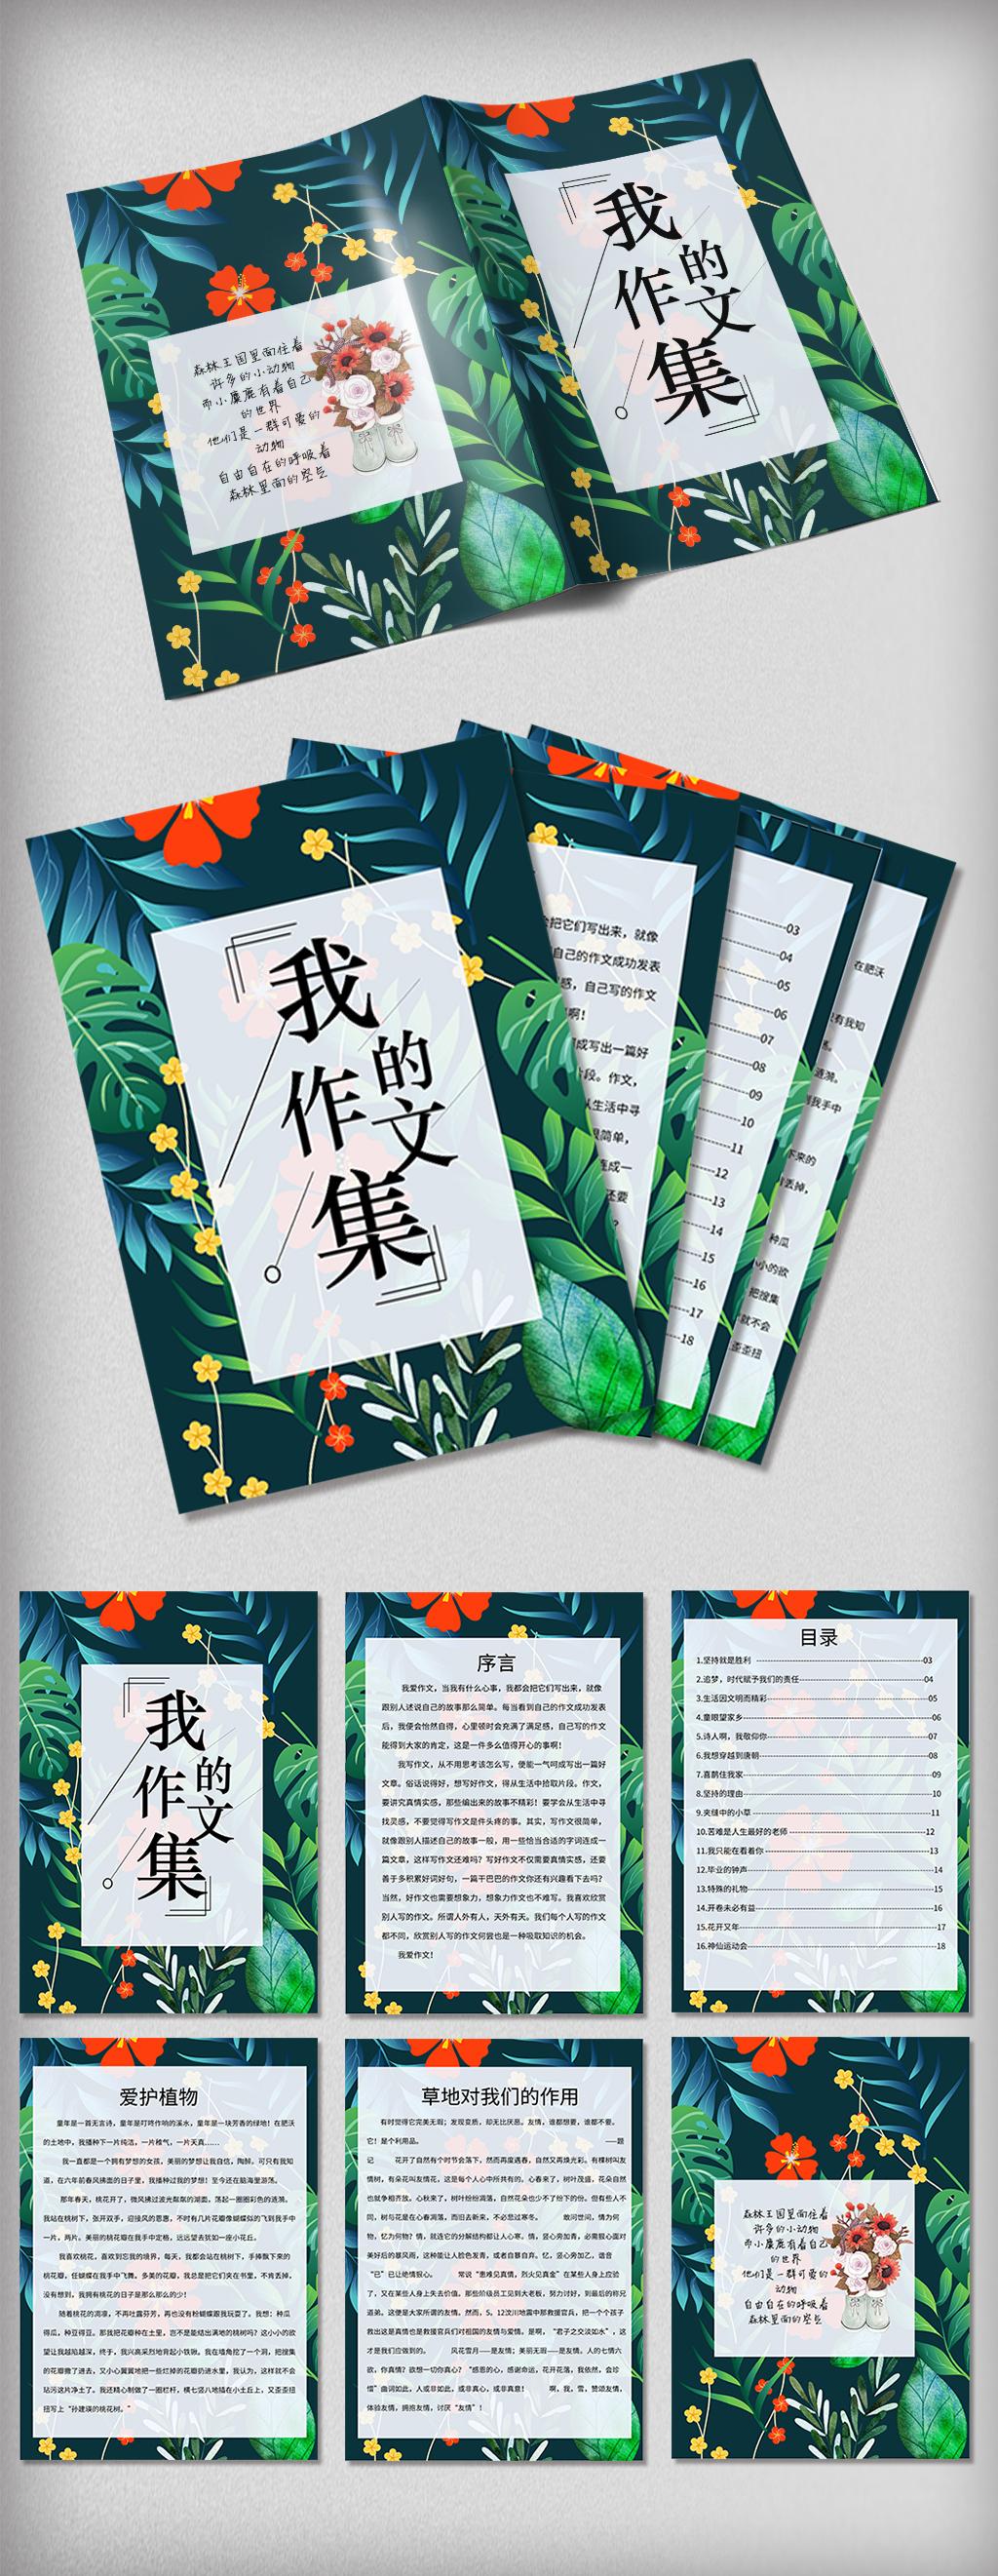 花卉植物小学生作文集封面诗集完整模板图片